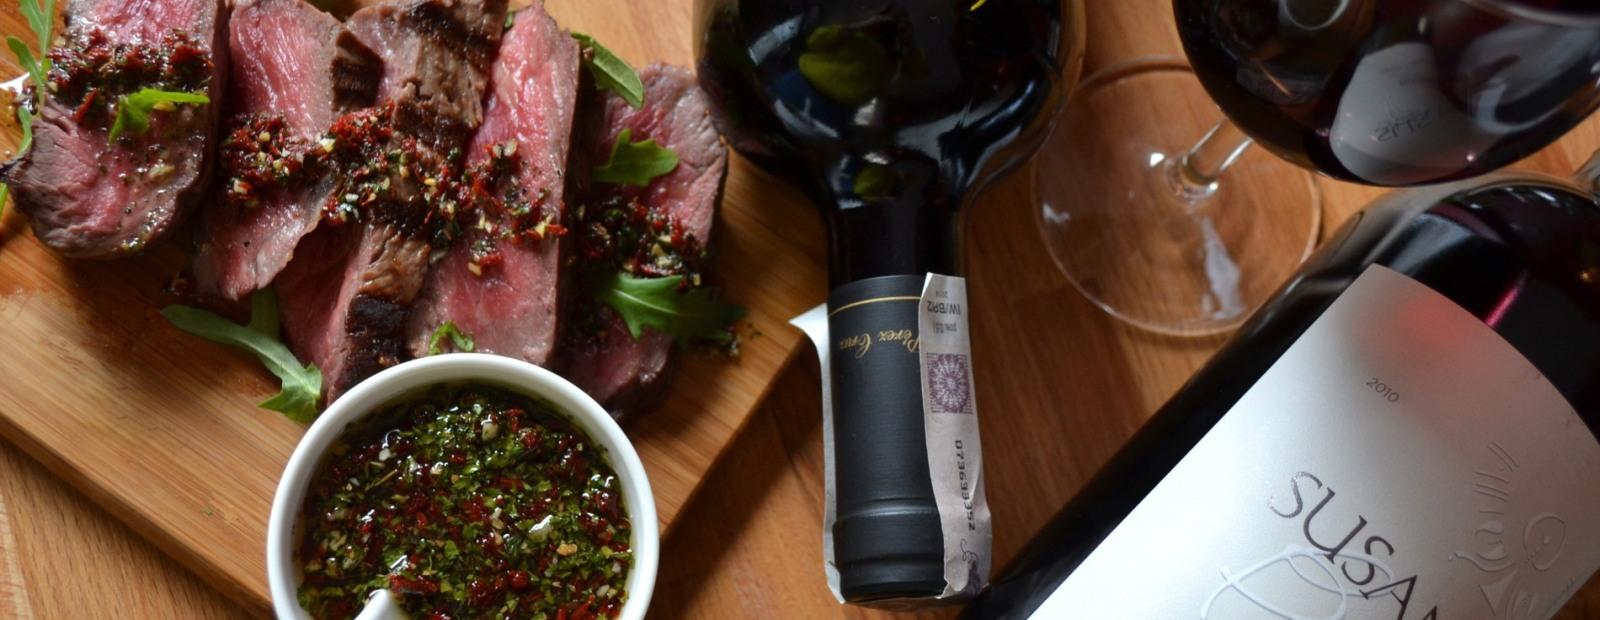 Tango Steakhouse - Restauracja Argentyńska